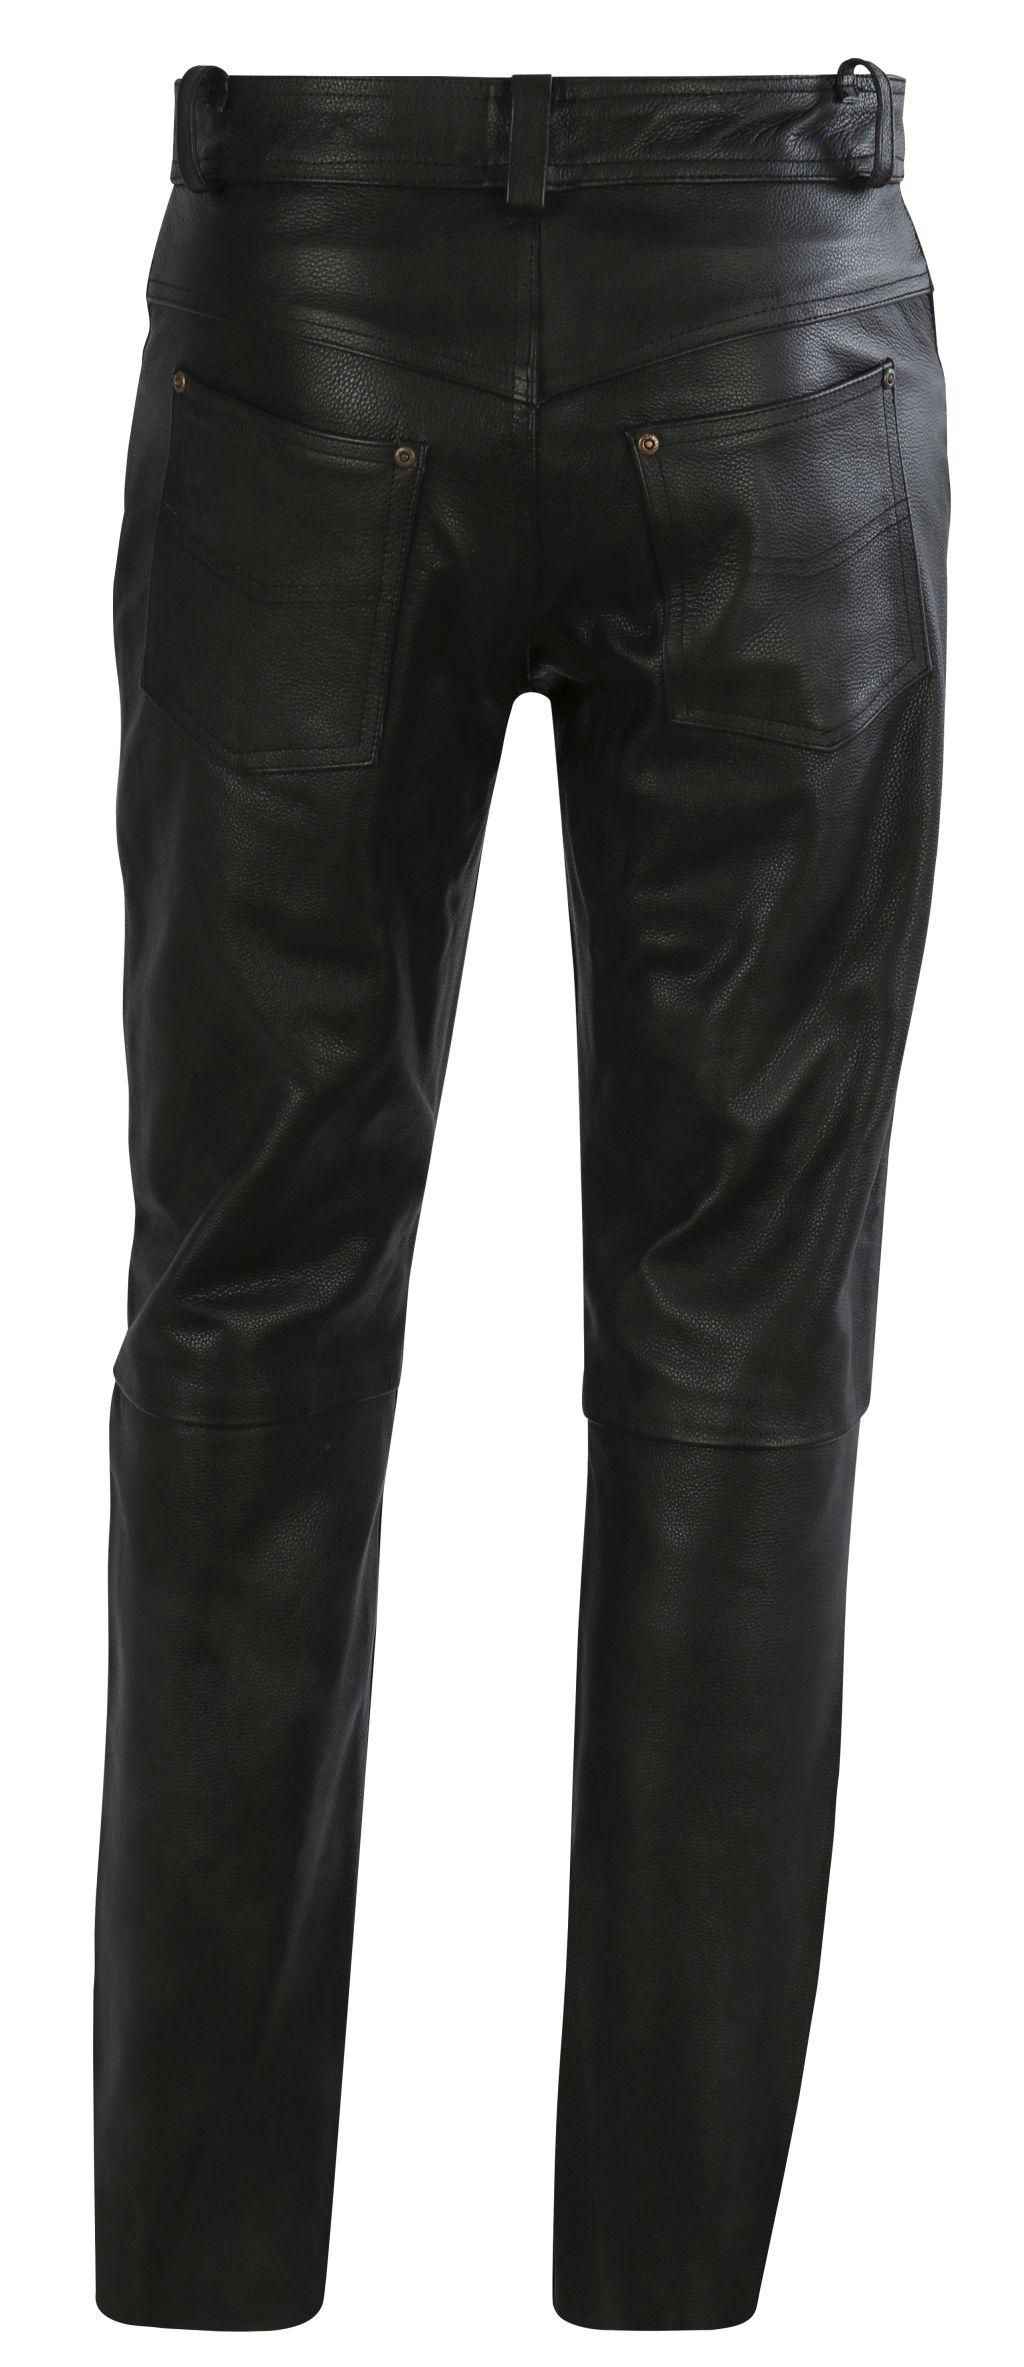 Lederjeans Jeans Leder Hose Schwarz Gr 36 38 40 42 44 46 inch NEU